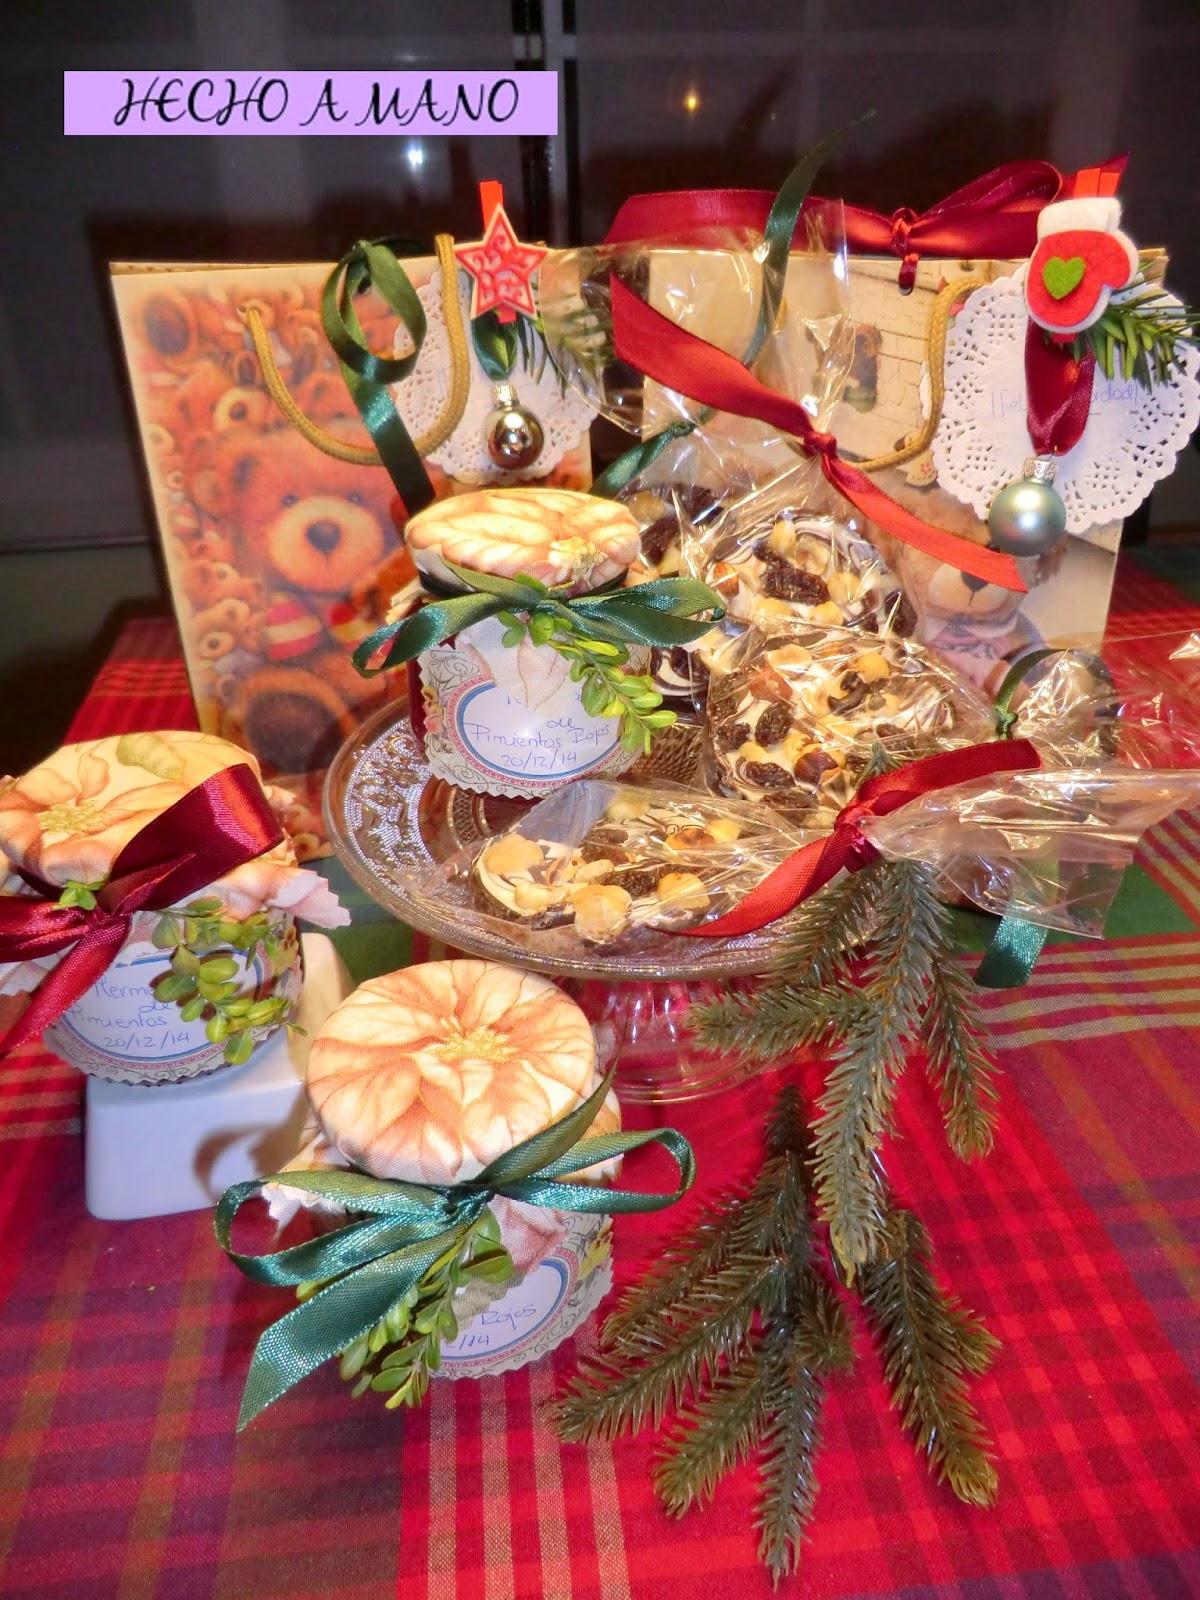 Hecho a mano navidad 2014 15 dulces navide os caseros - Detalles navidenos caseros ...